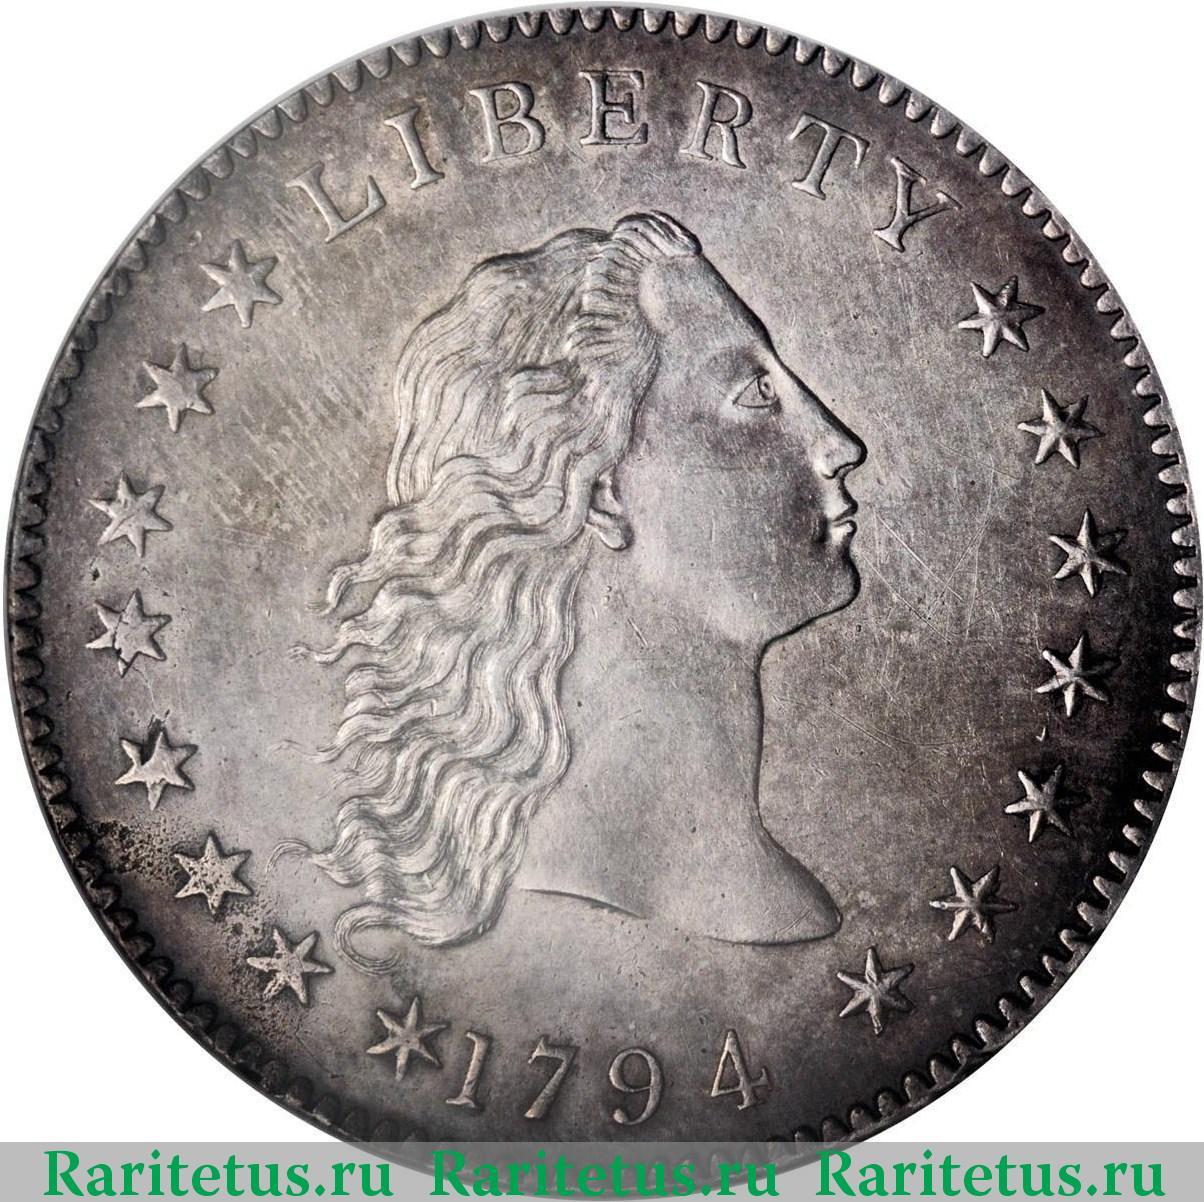 Стоимость монеты 1 доллар сша 2000 год монеты брак цена 10 рублей